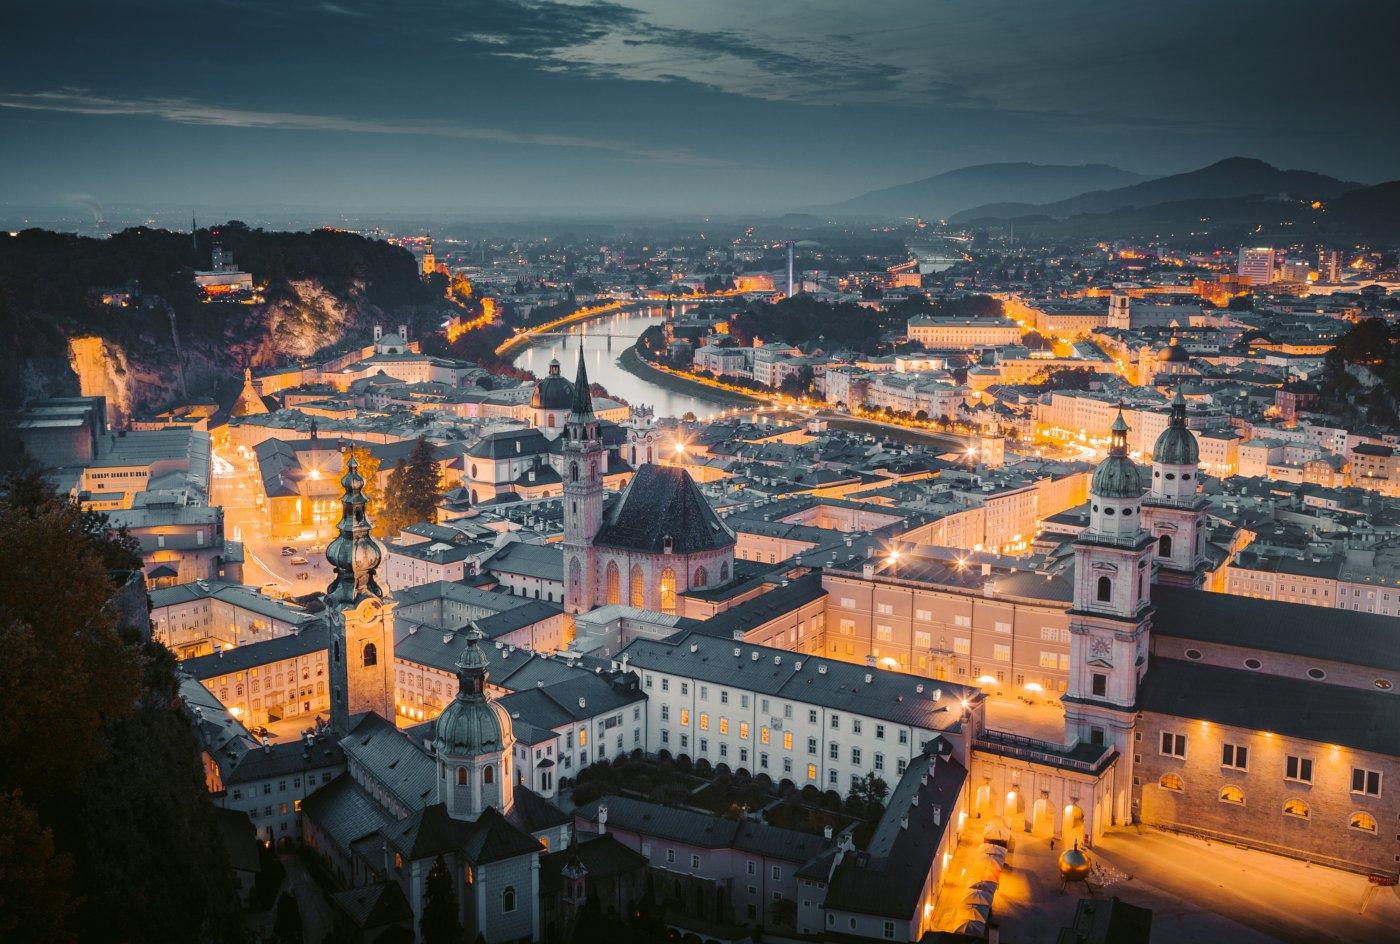 Vista de Salzburgo à noite